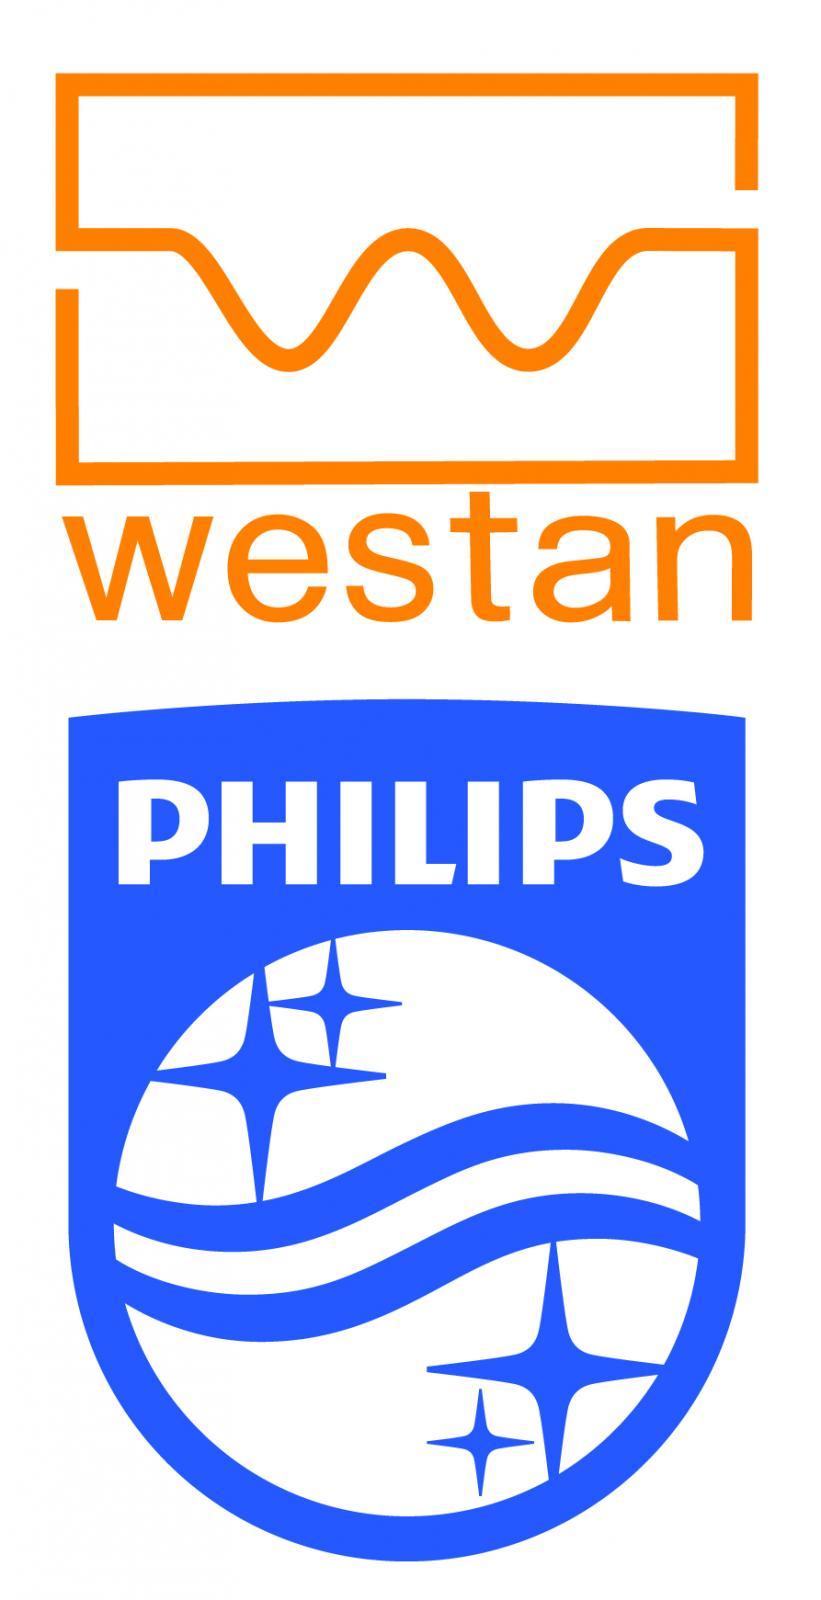 Philips Hotel TV – Westan